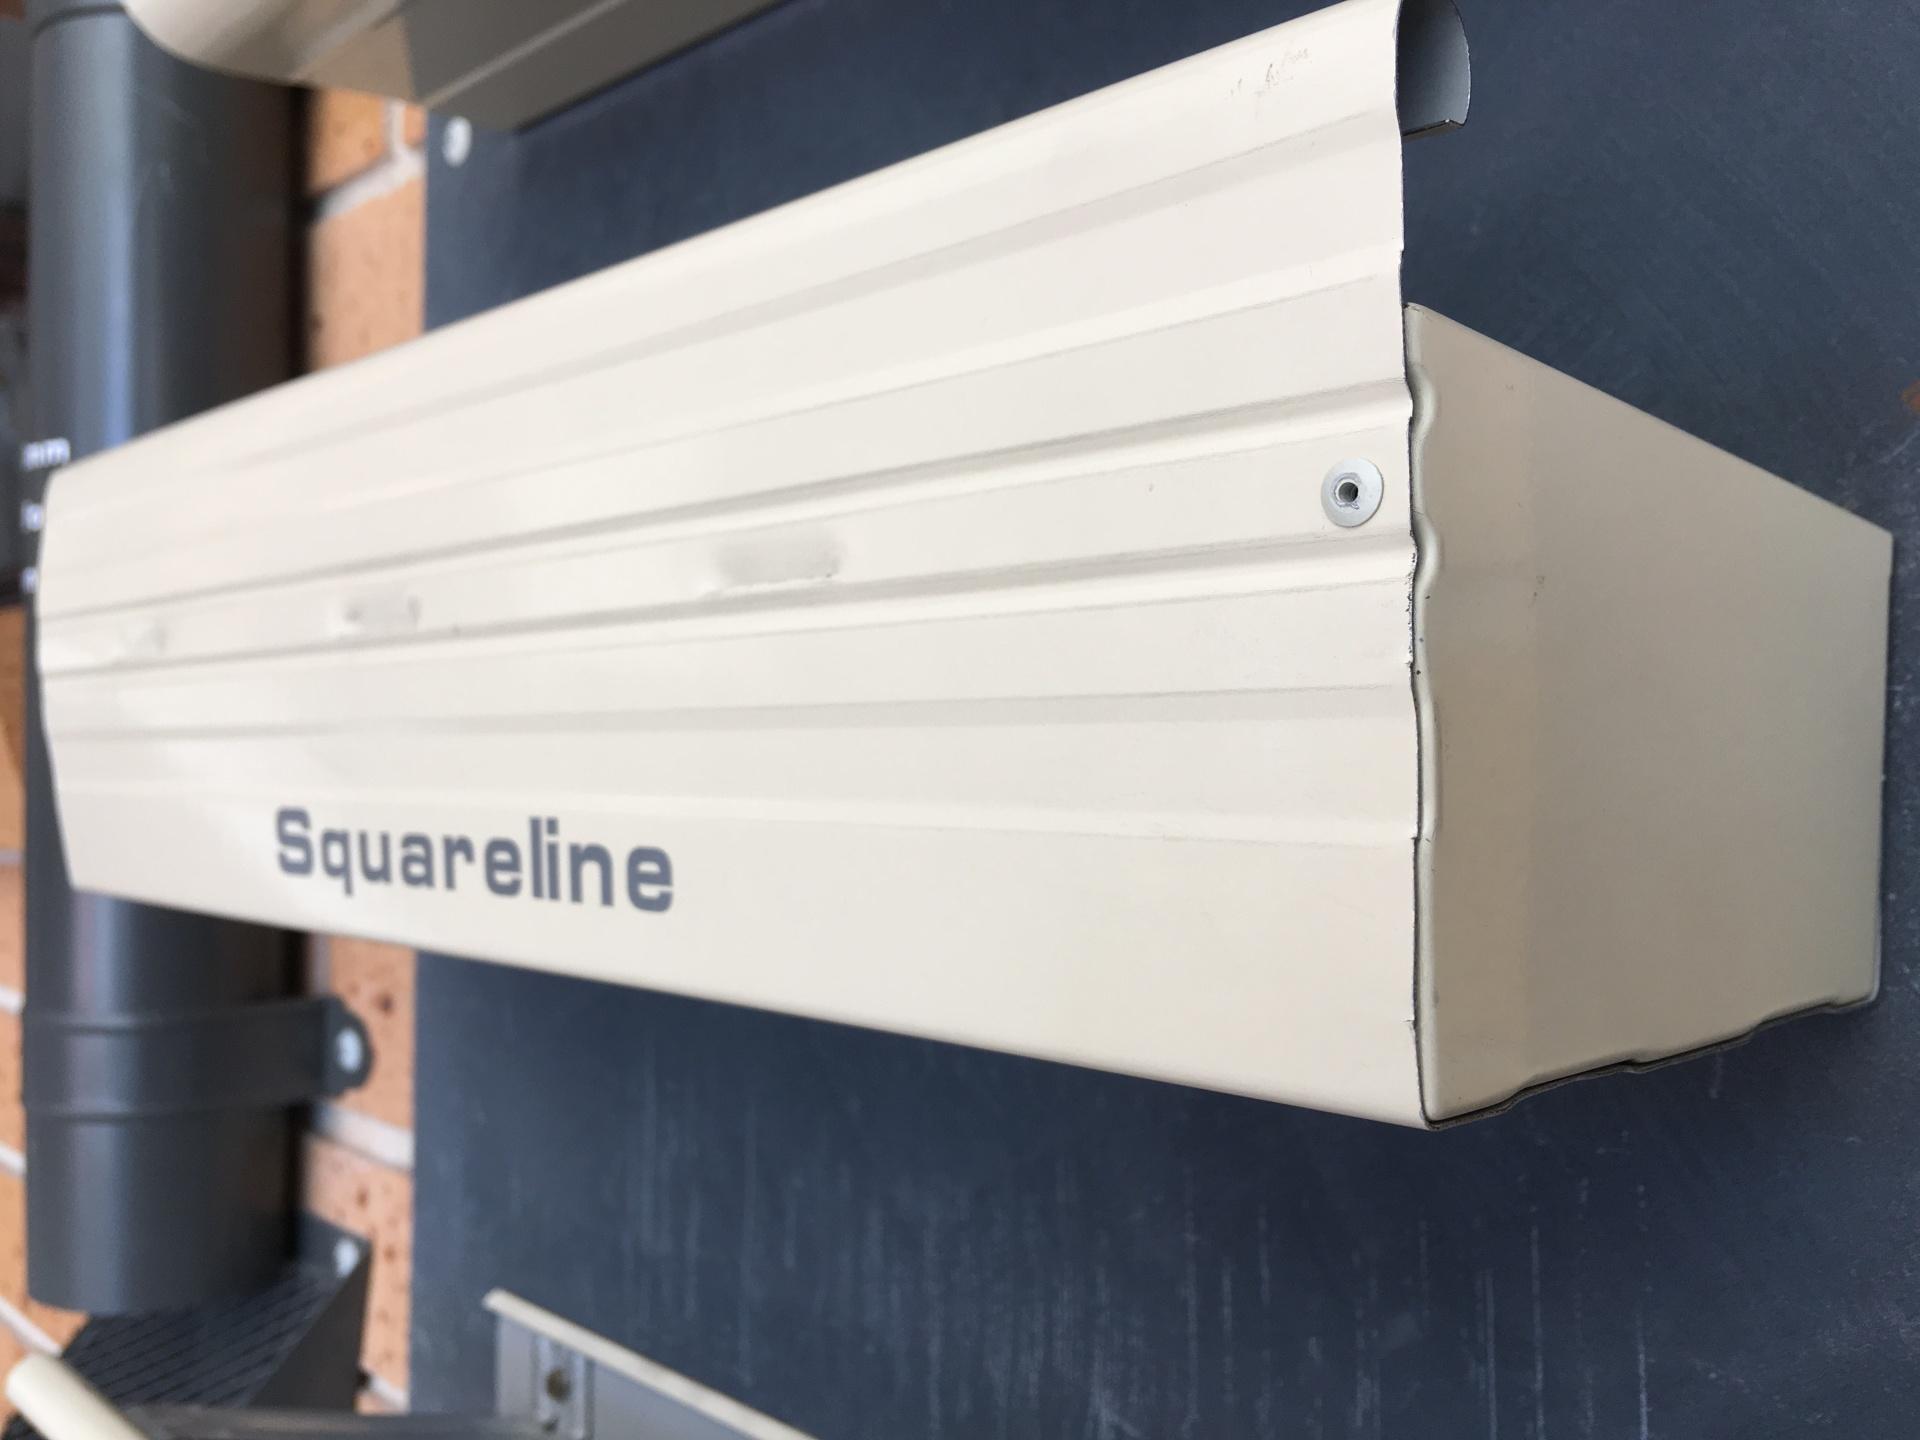 Squareline